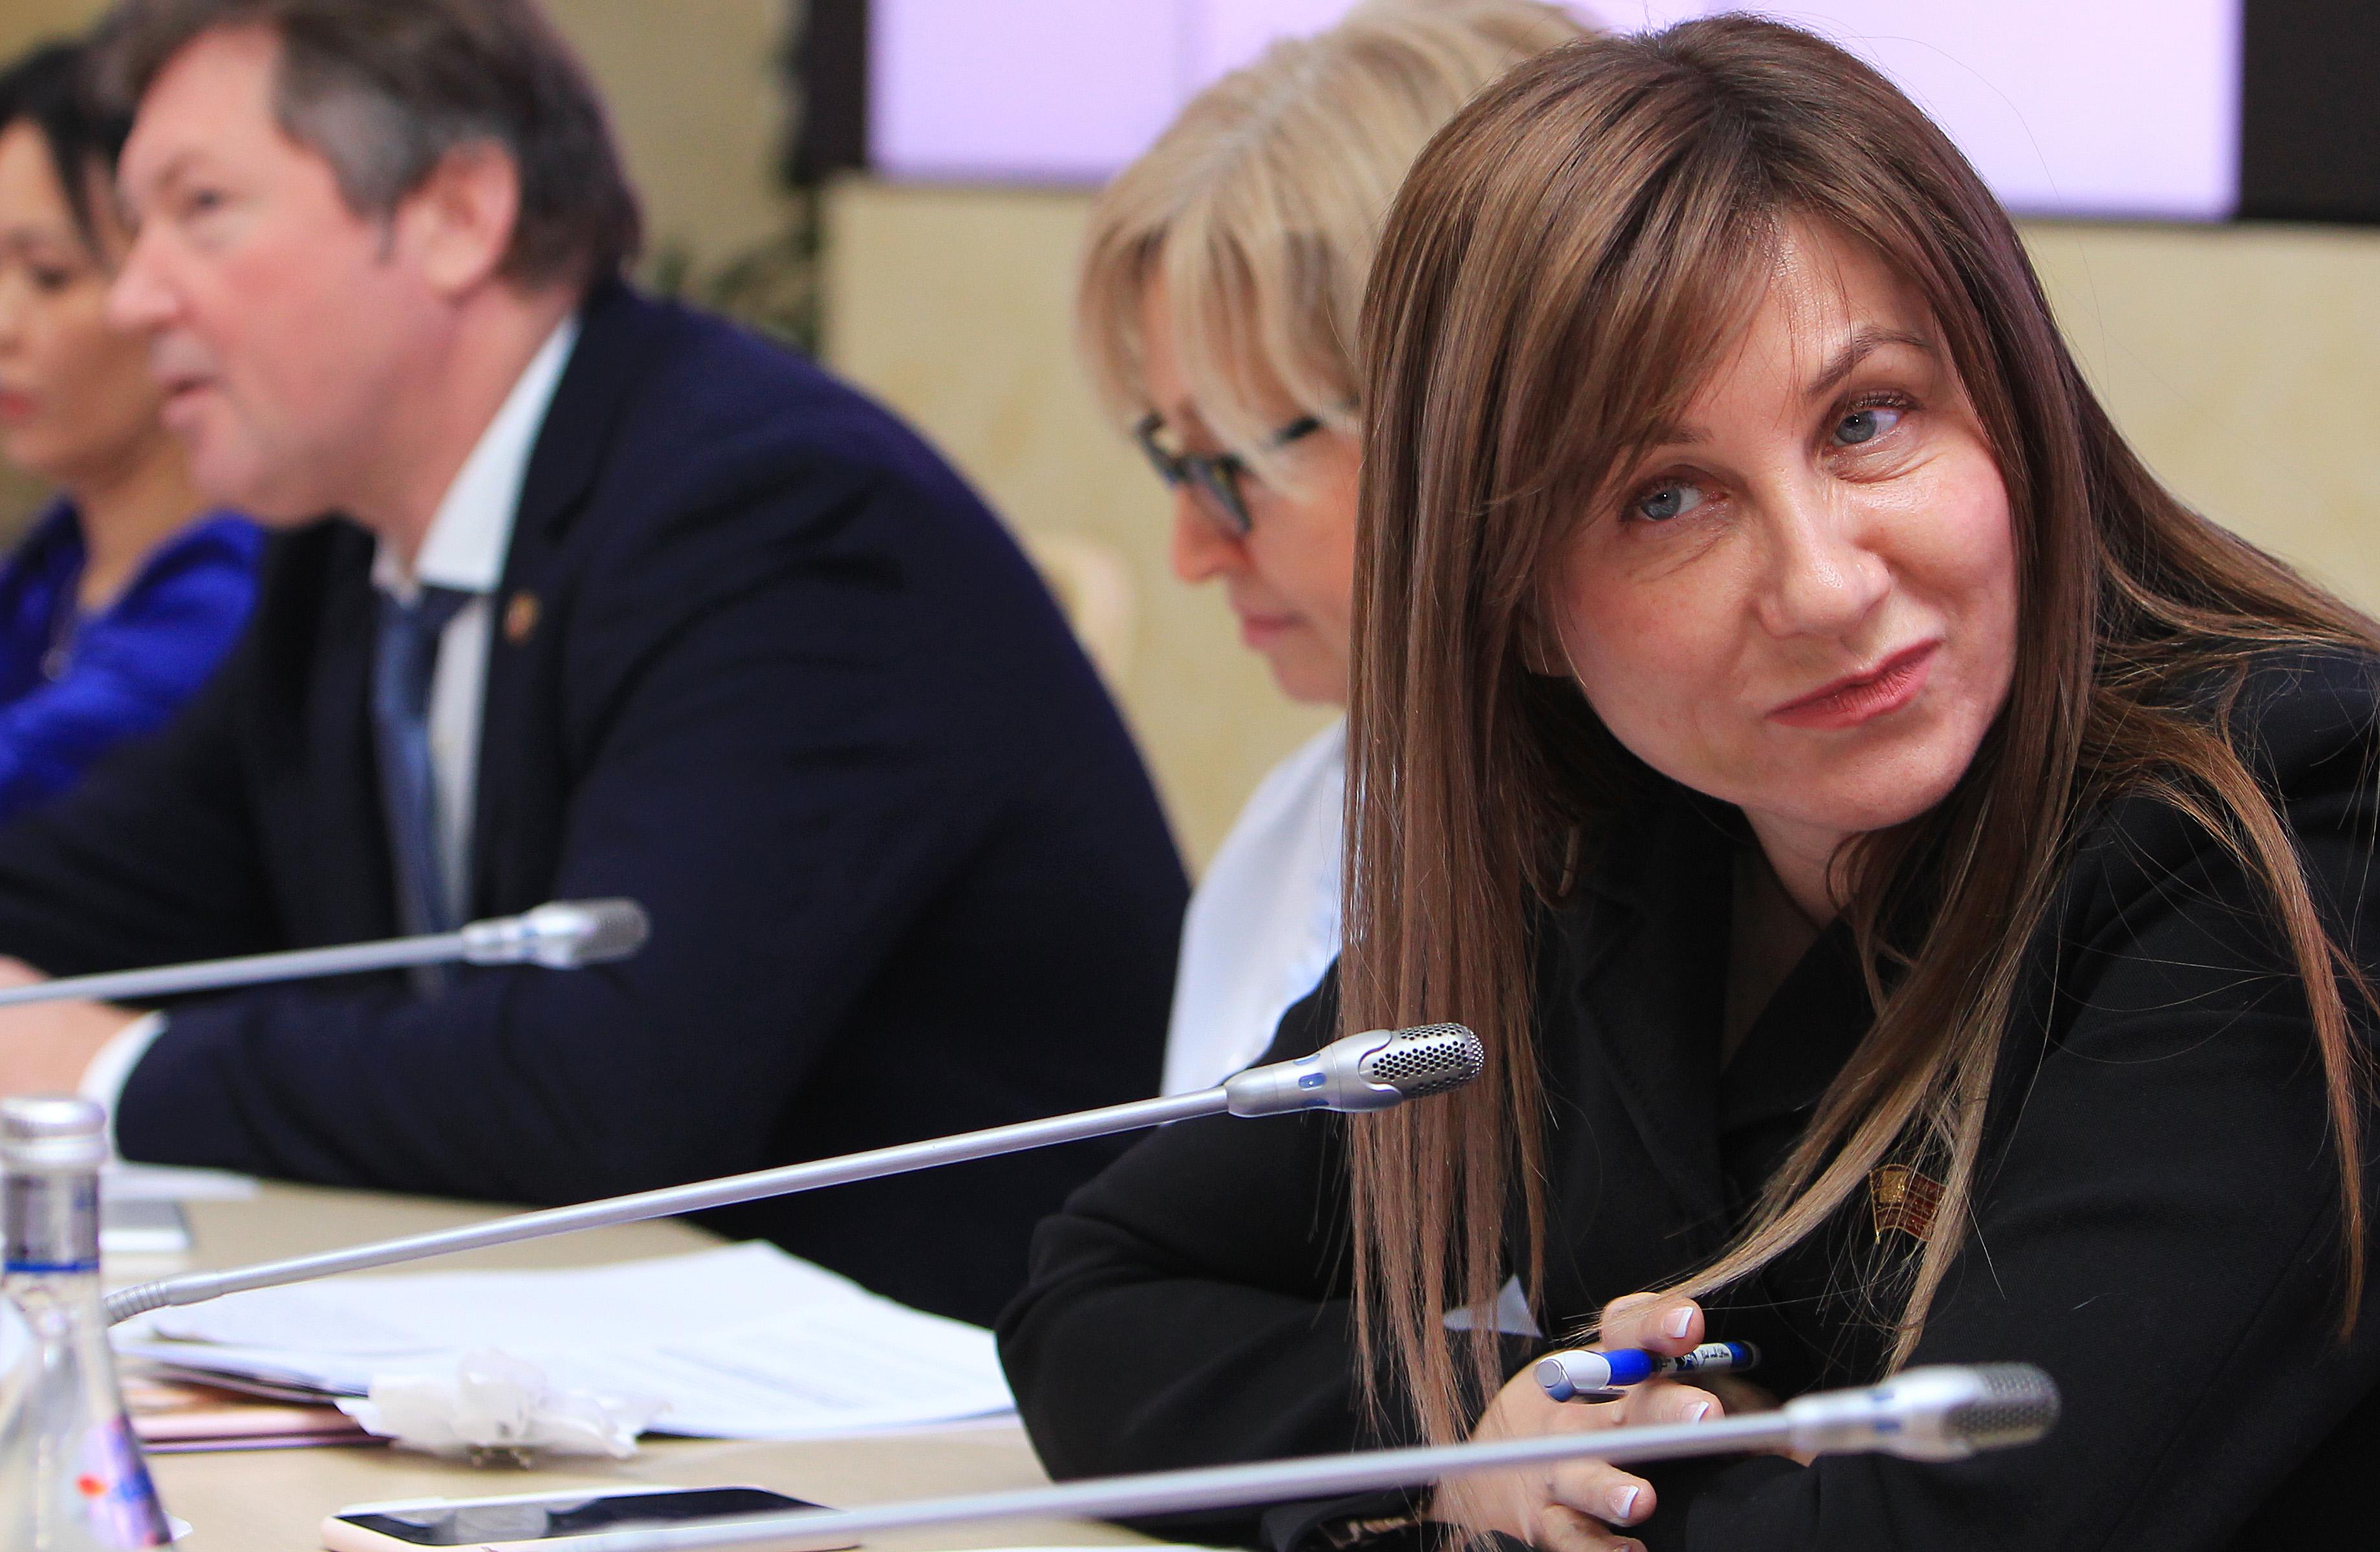 Депутат Лариса Картавцева напомнила о важности мер санитарной защиты